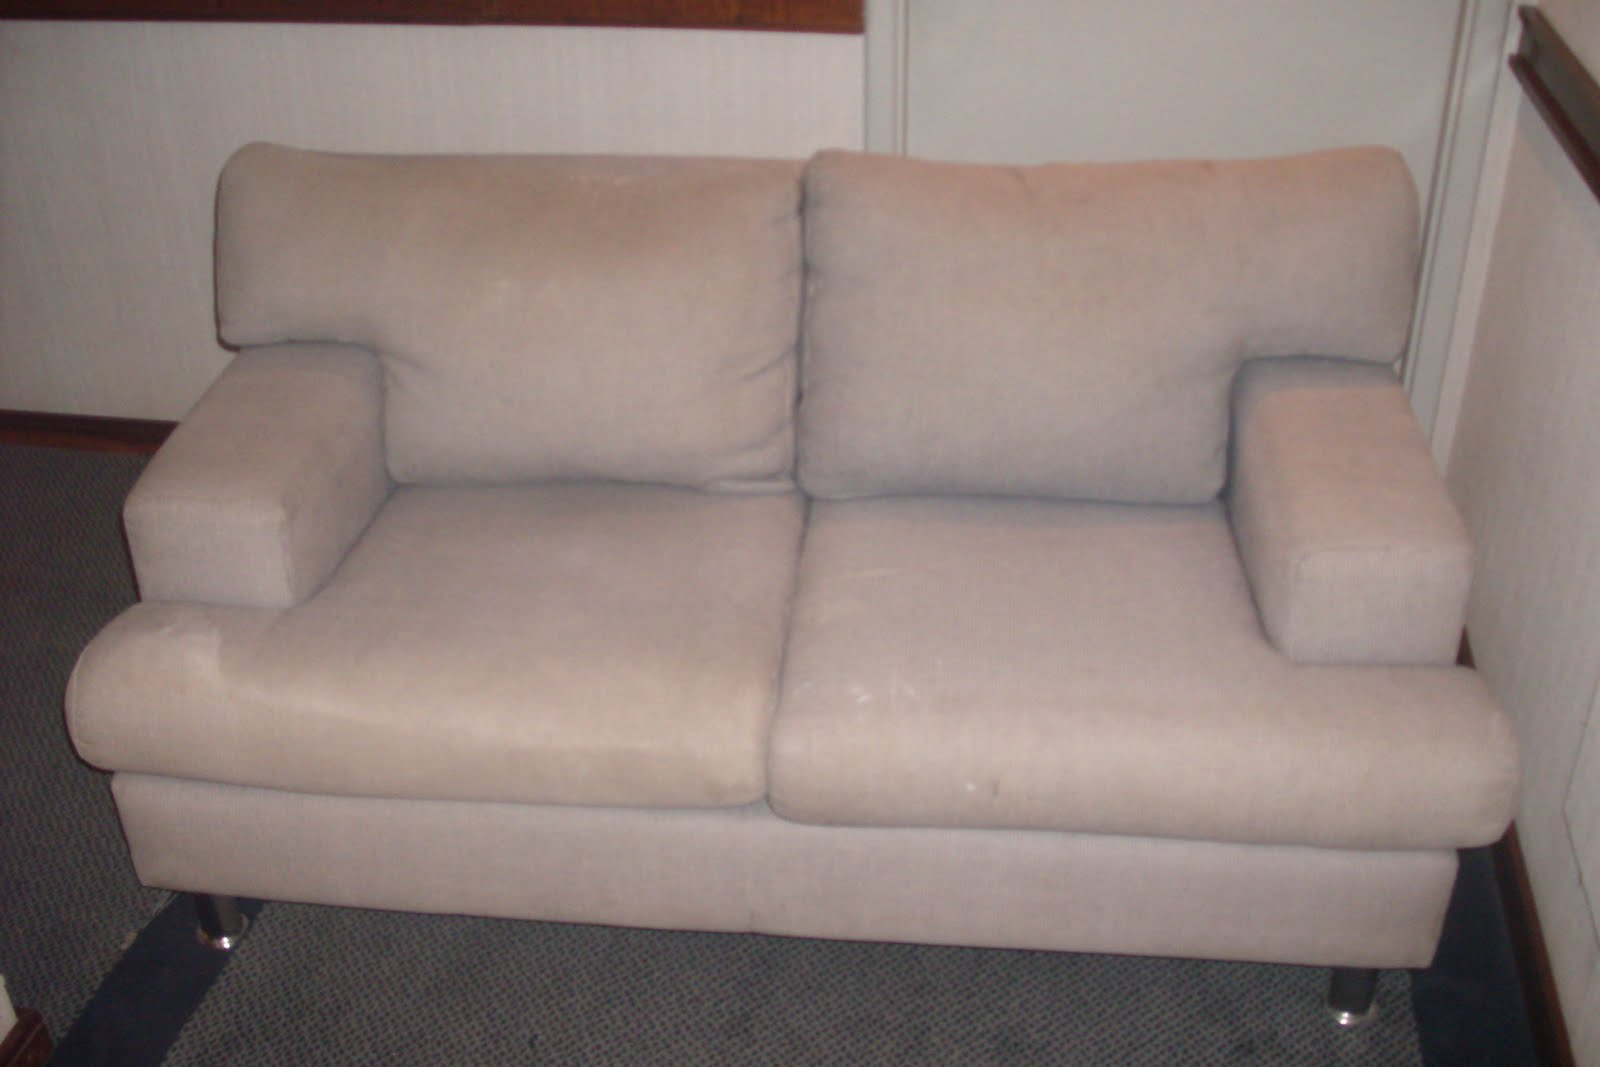 sofas usados para venda em portugal charles of london sofa photos mars soluções materiais desuso usado 02